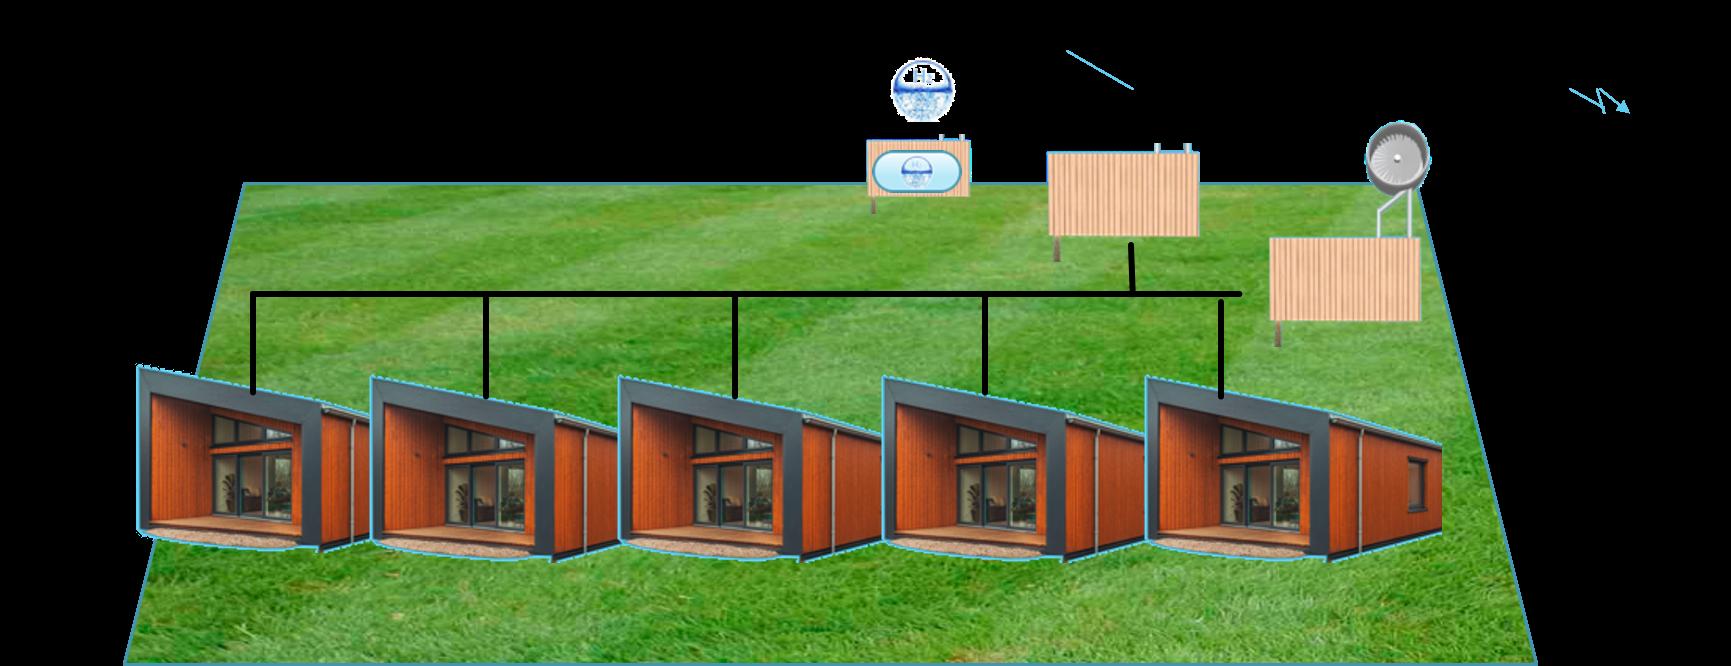 Afbeelding of grid wijk